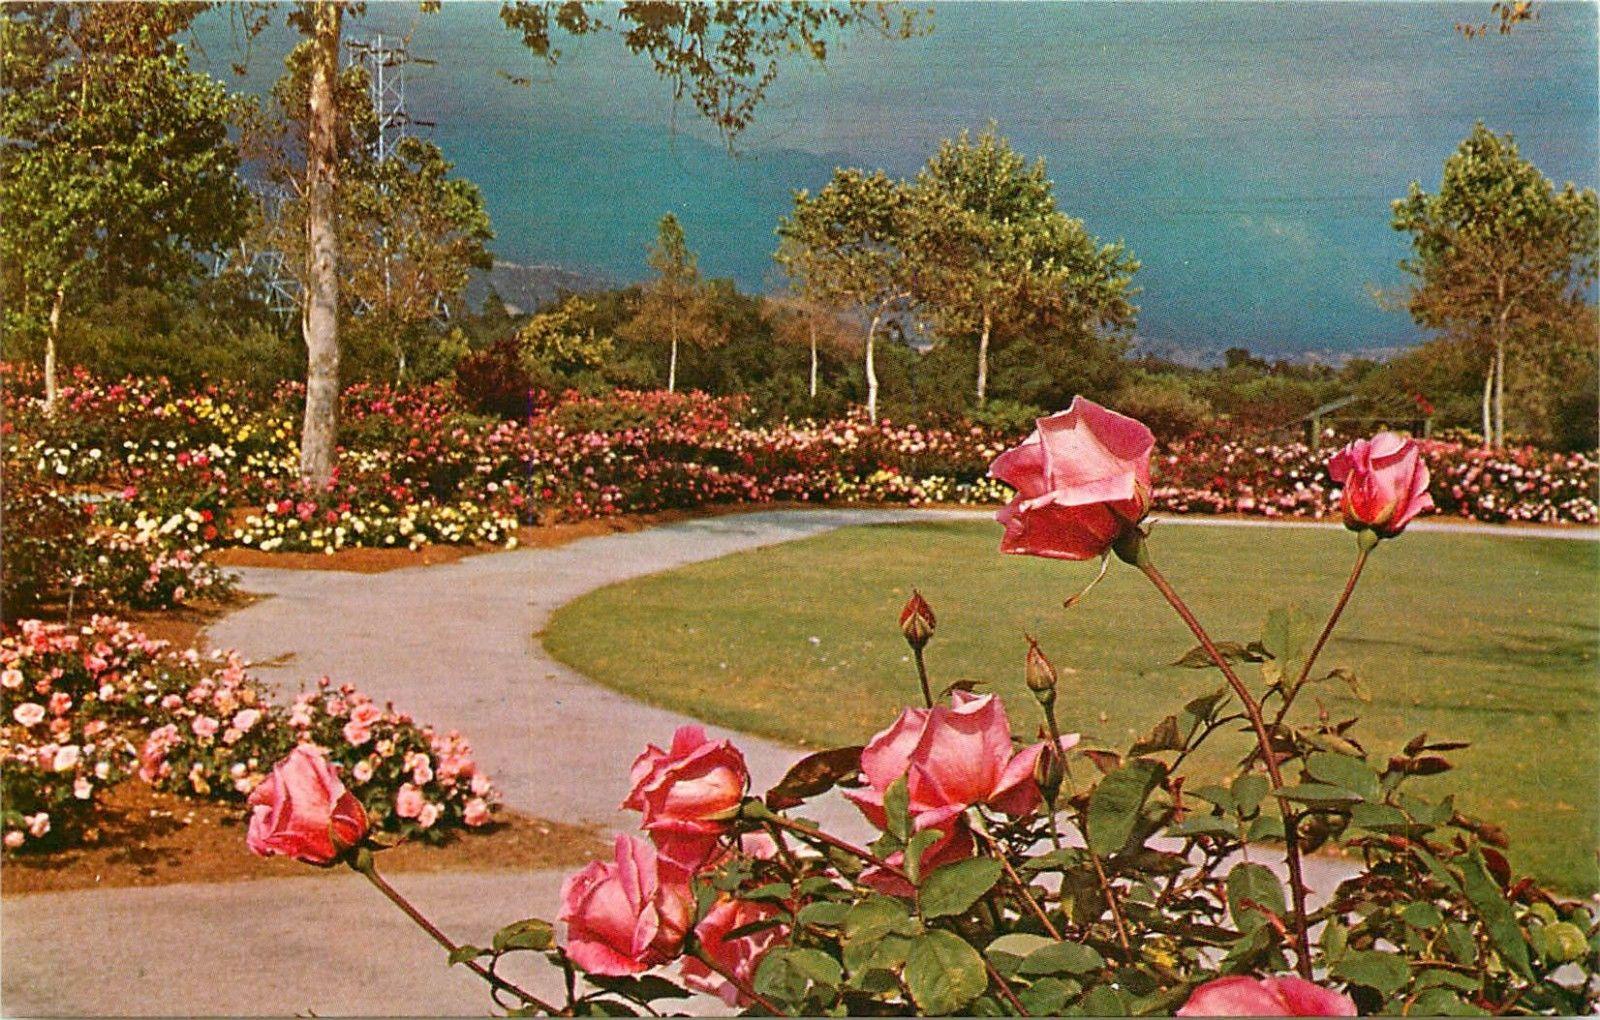 Descanso Gardens La Canada California CA Rose Garden 6 acres ...